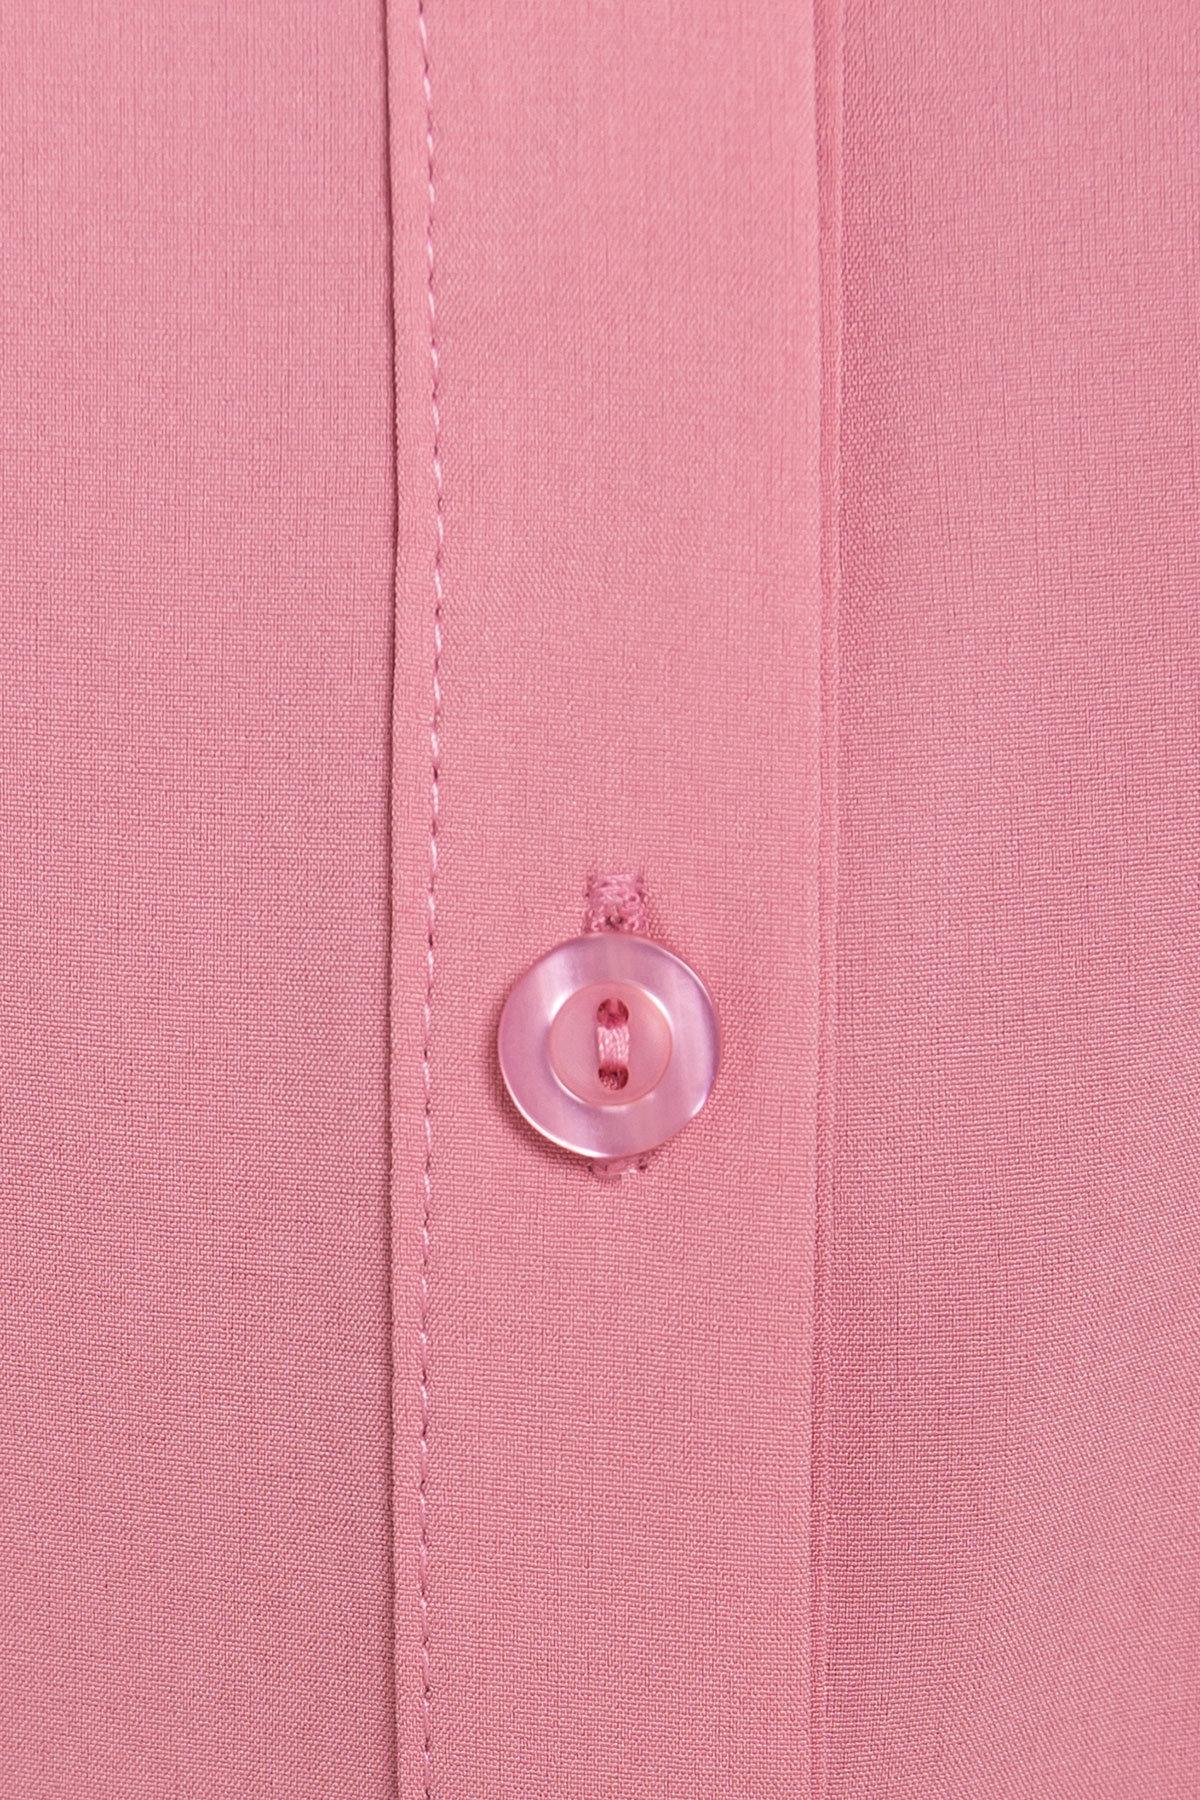 Платье-рубашка Шиен Donna 5088 АРТ. 36167 Цвет: Чайная роза - фото 4, интернет магазин tm-modus.ru